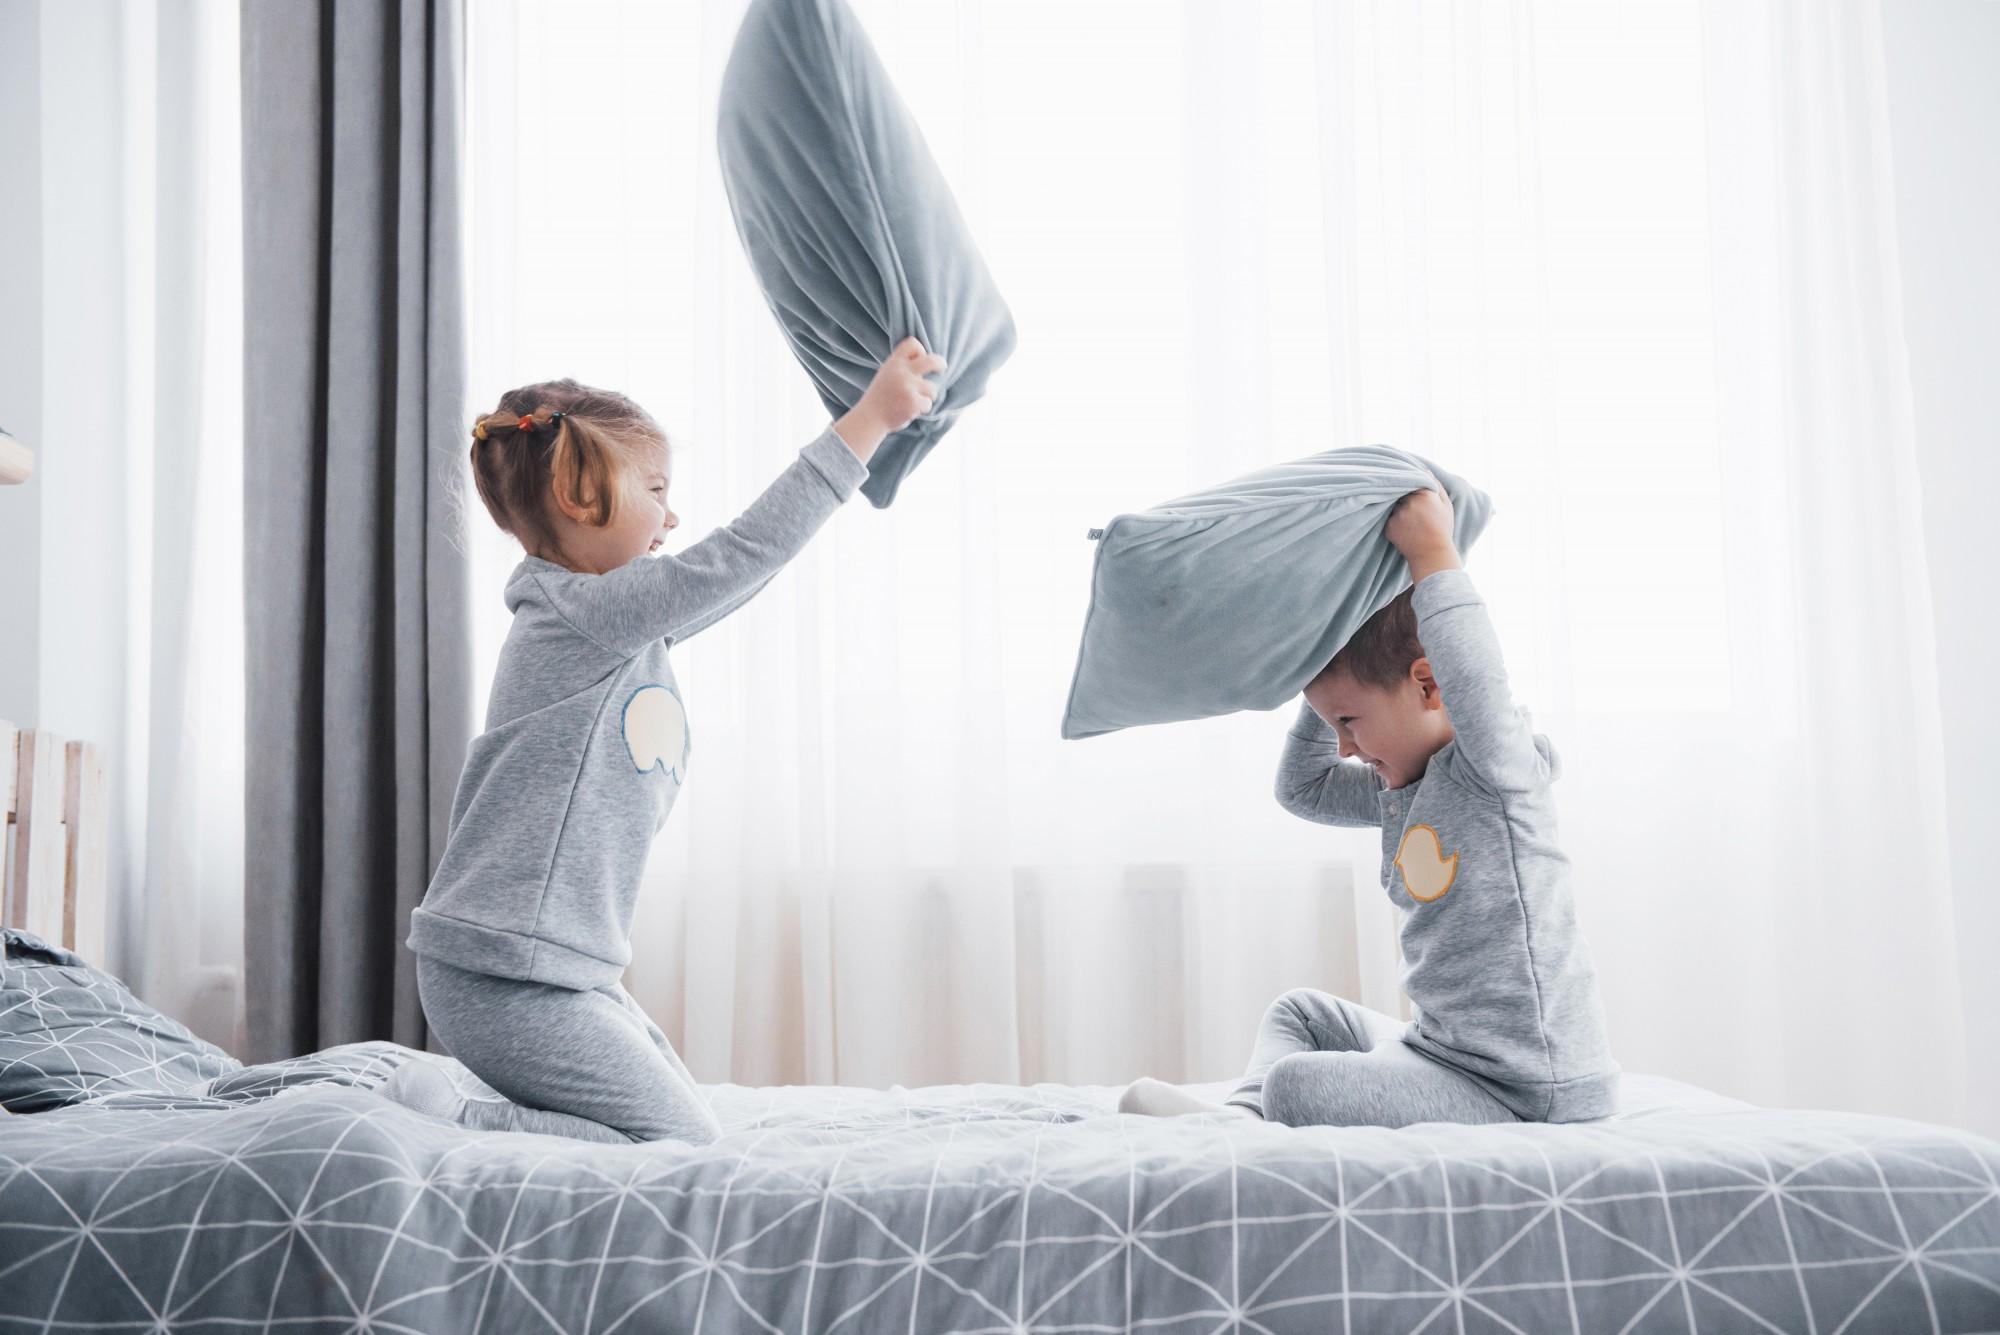 Aynı Odayı Paylaşmanın Çocukların Duygusal Zeka ve Çatışma Yönetimi Becerilerine Katkısı